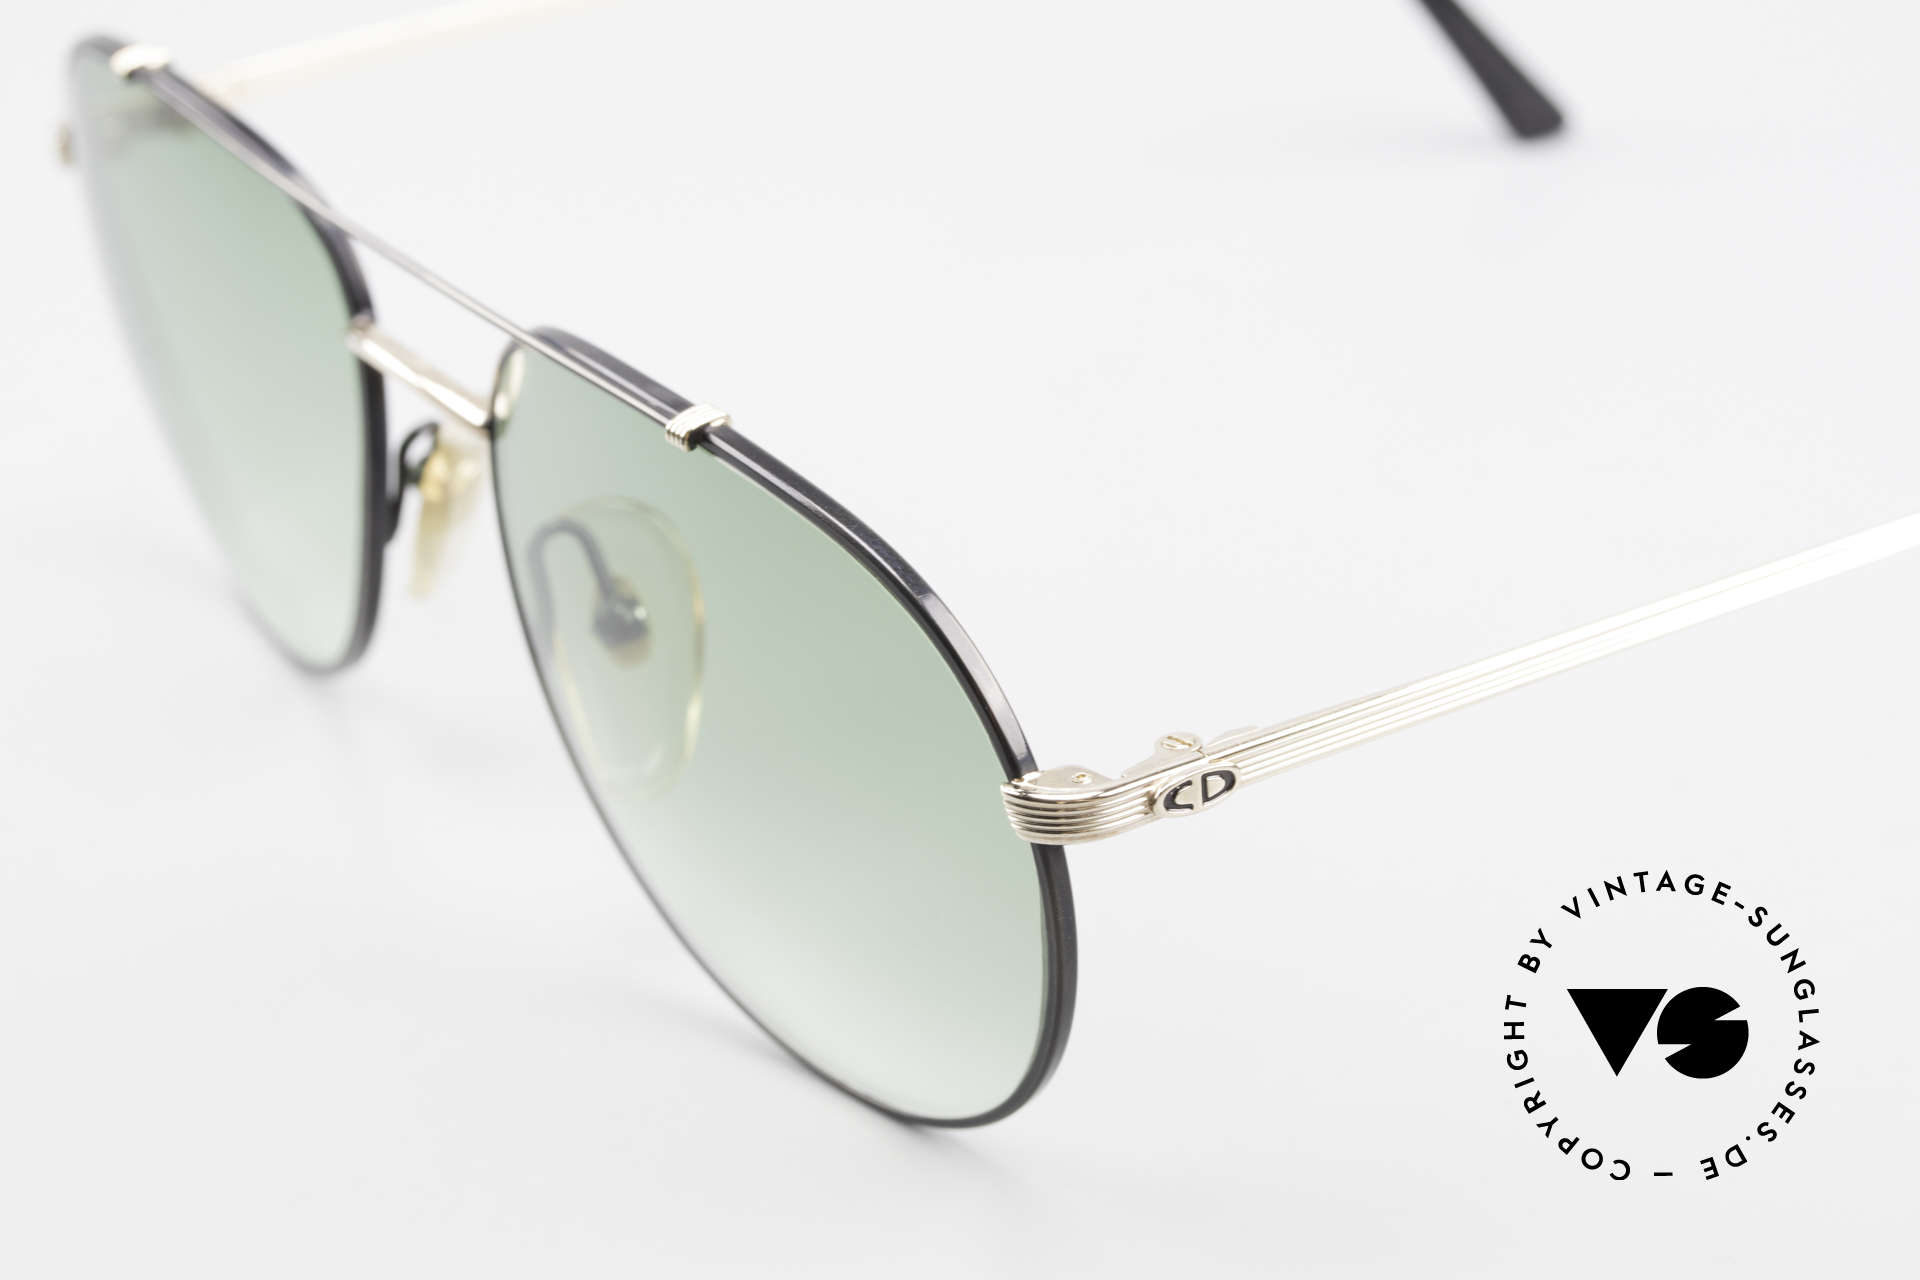 Christian Dior 2488 Rare 80's Aviator Sunglasses, never worn (like all our vintage Dior sunglasses), Made for Men